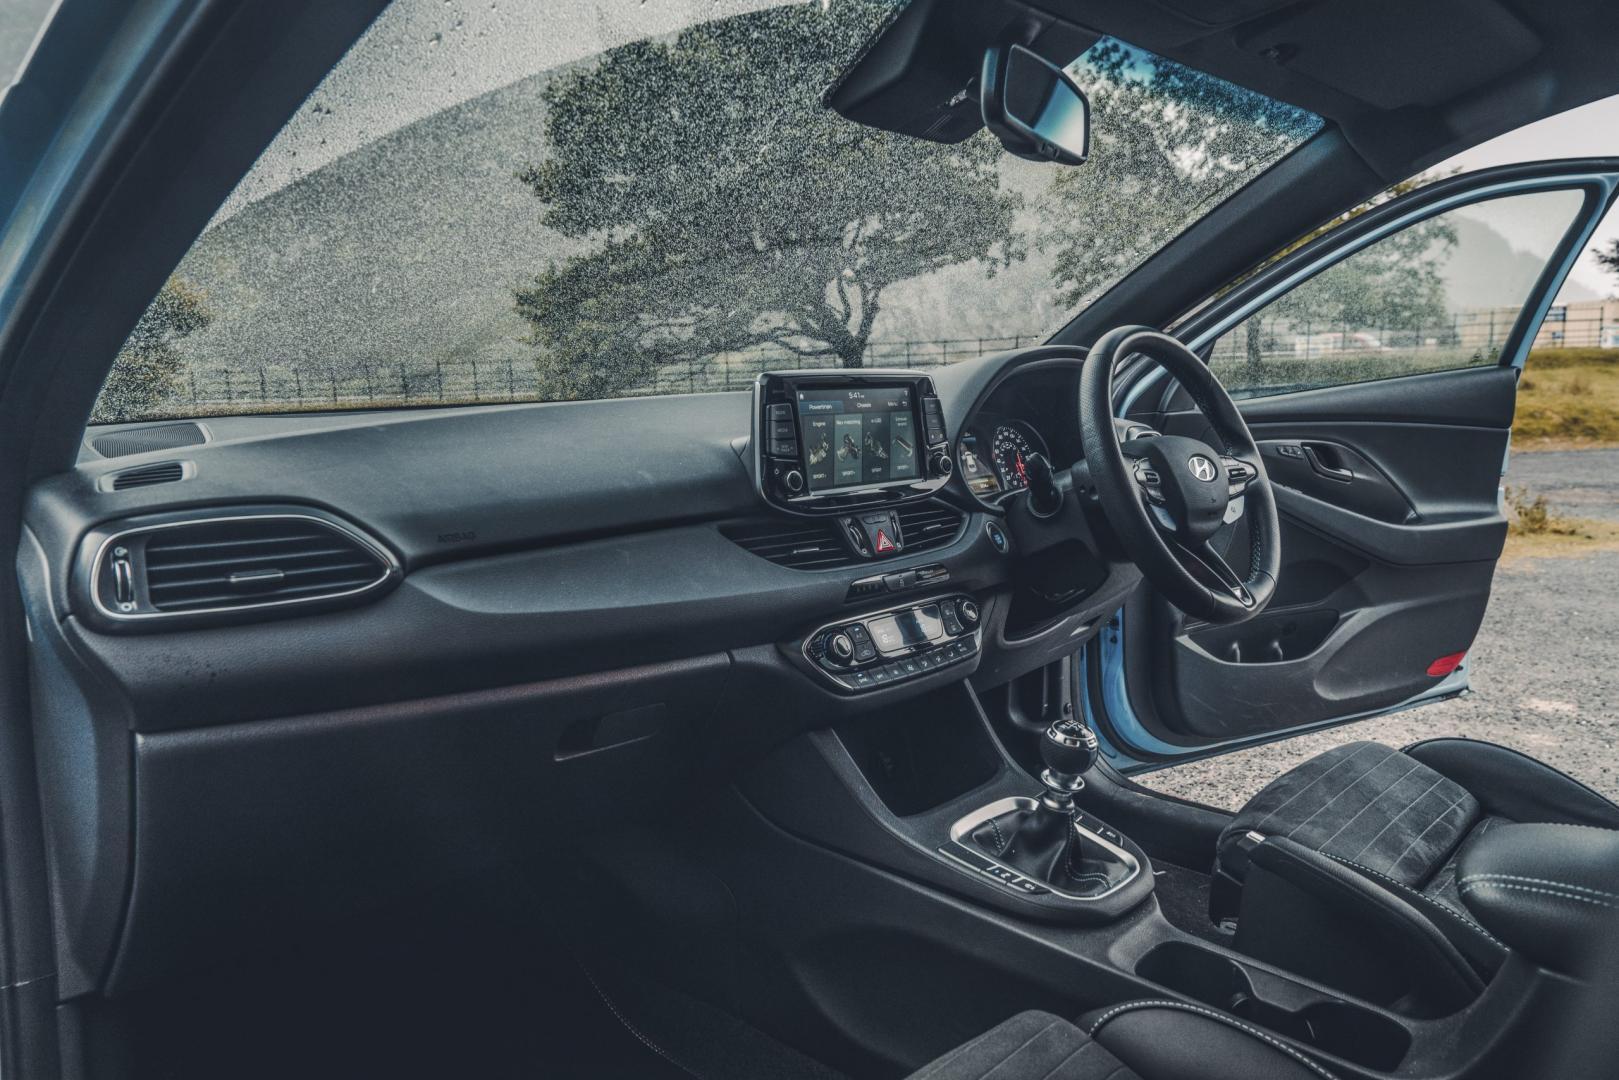 Hyundai i30 N performance interieur dashboard